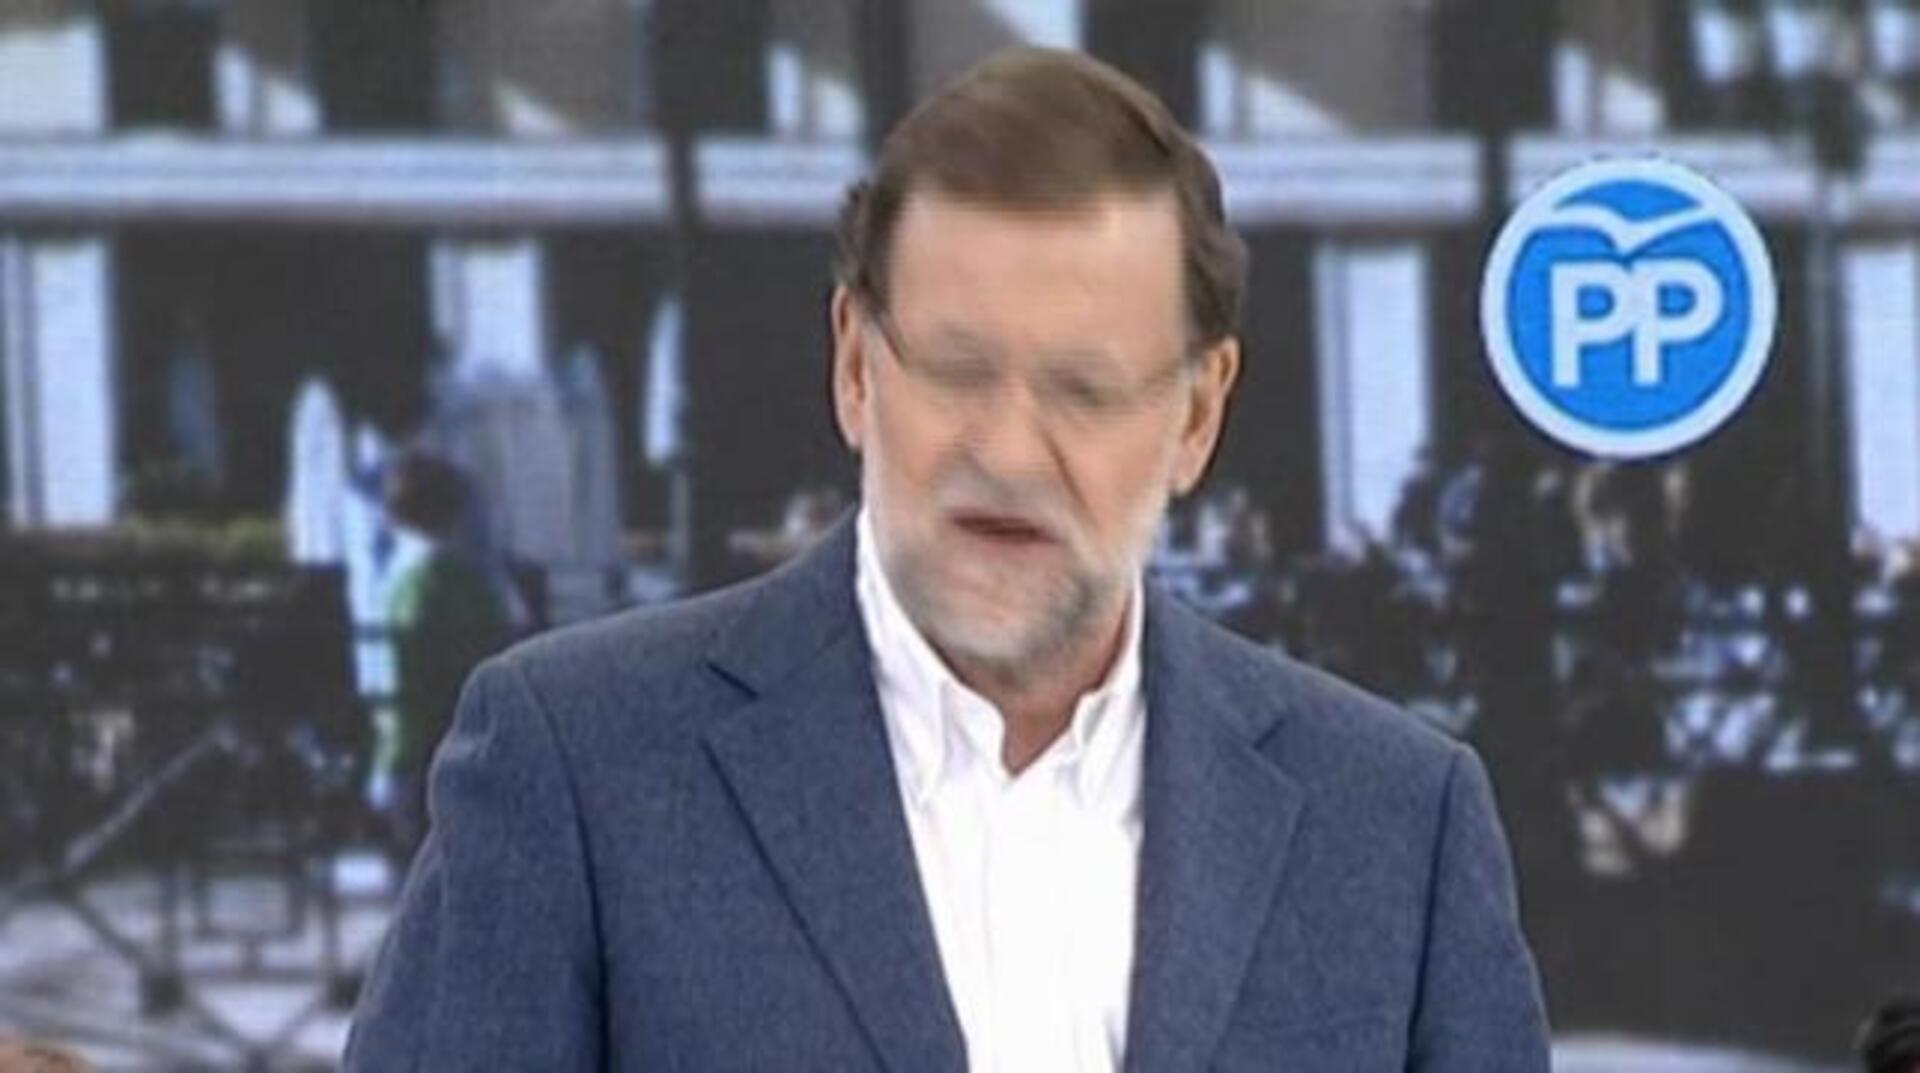 Rajoy abre mitin con recuerdo a policías muertos en Kabul